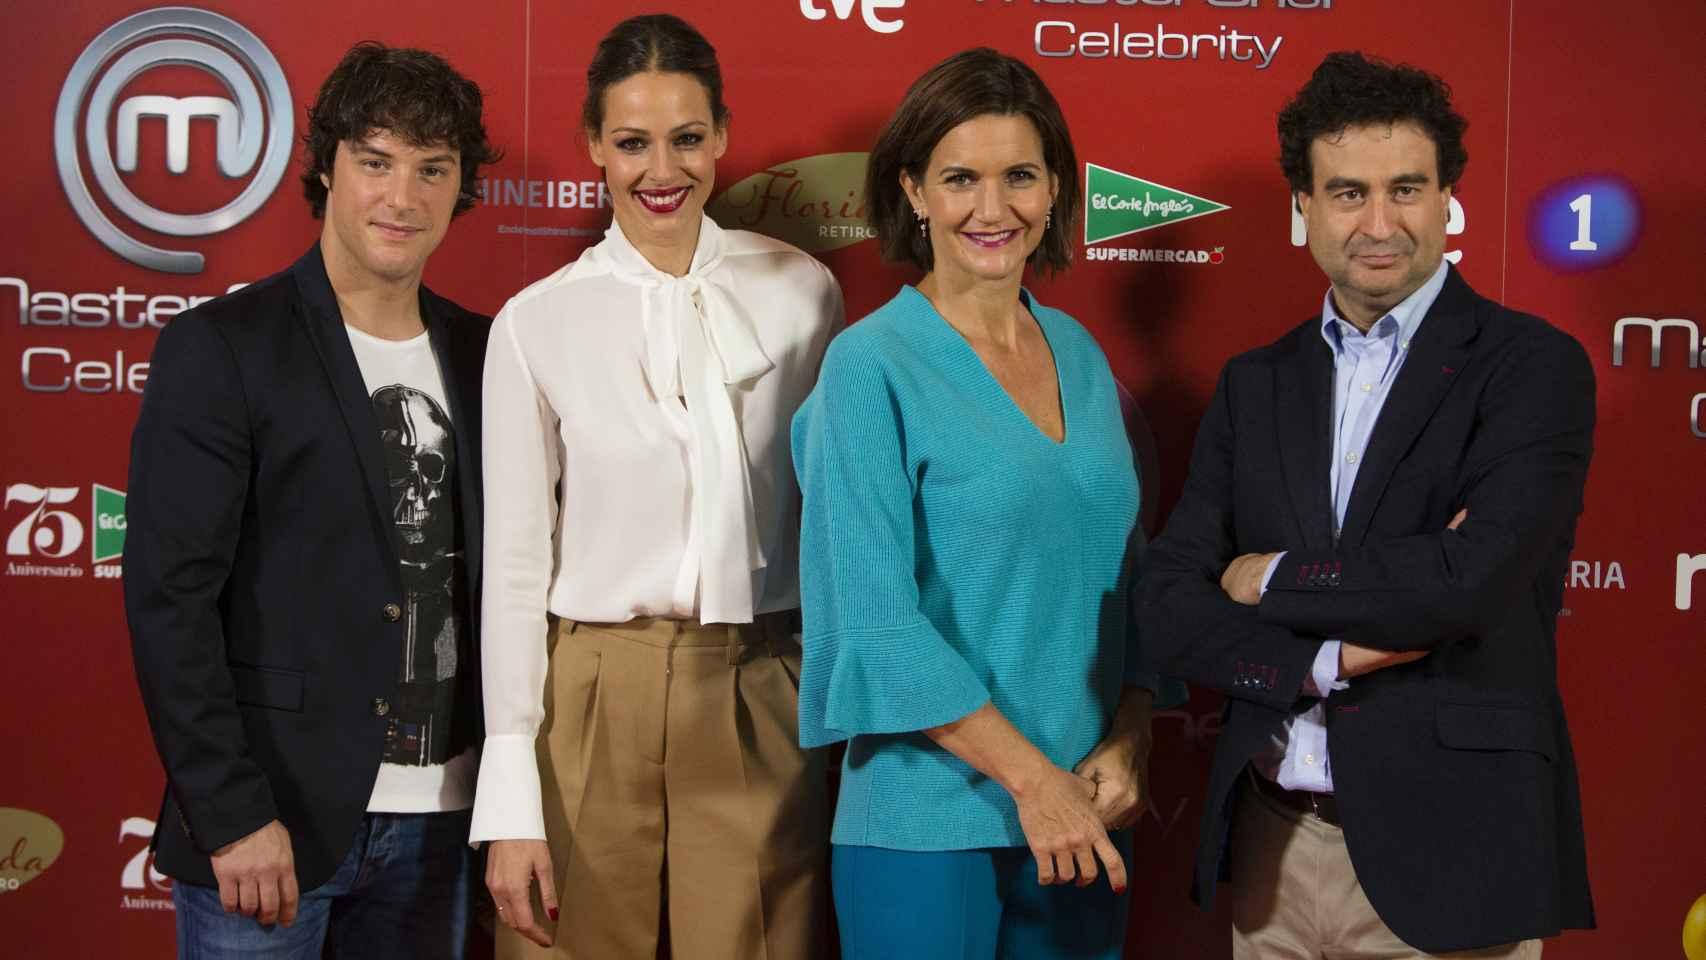 De izquierda a derecha, Jordi Cruz, Eva González, Samnatha Vallejo Nájera y Pepe Rodríguez